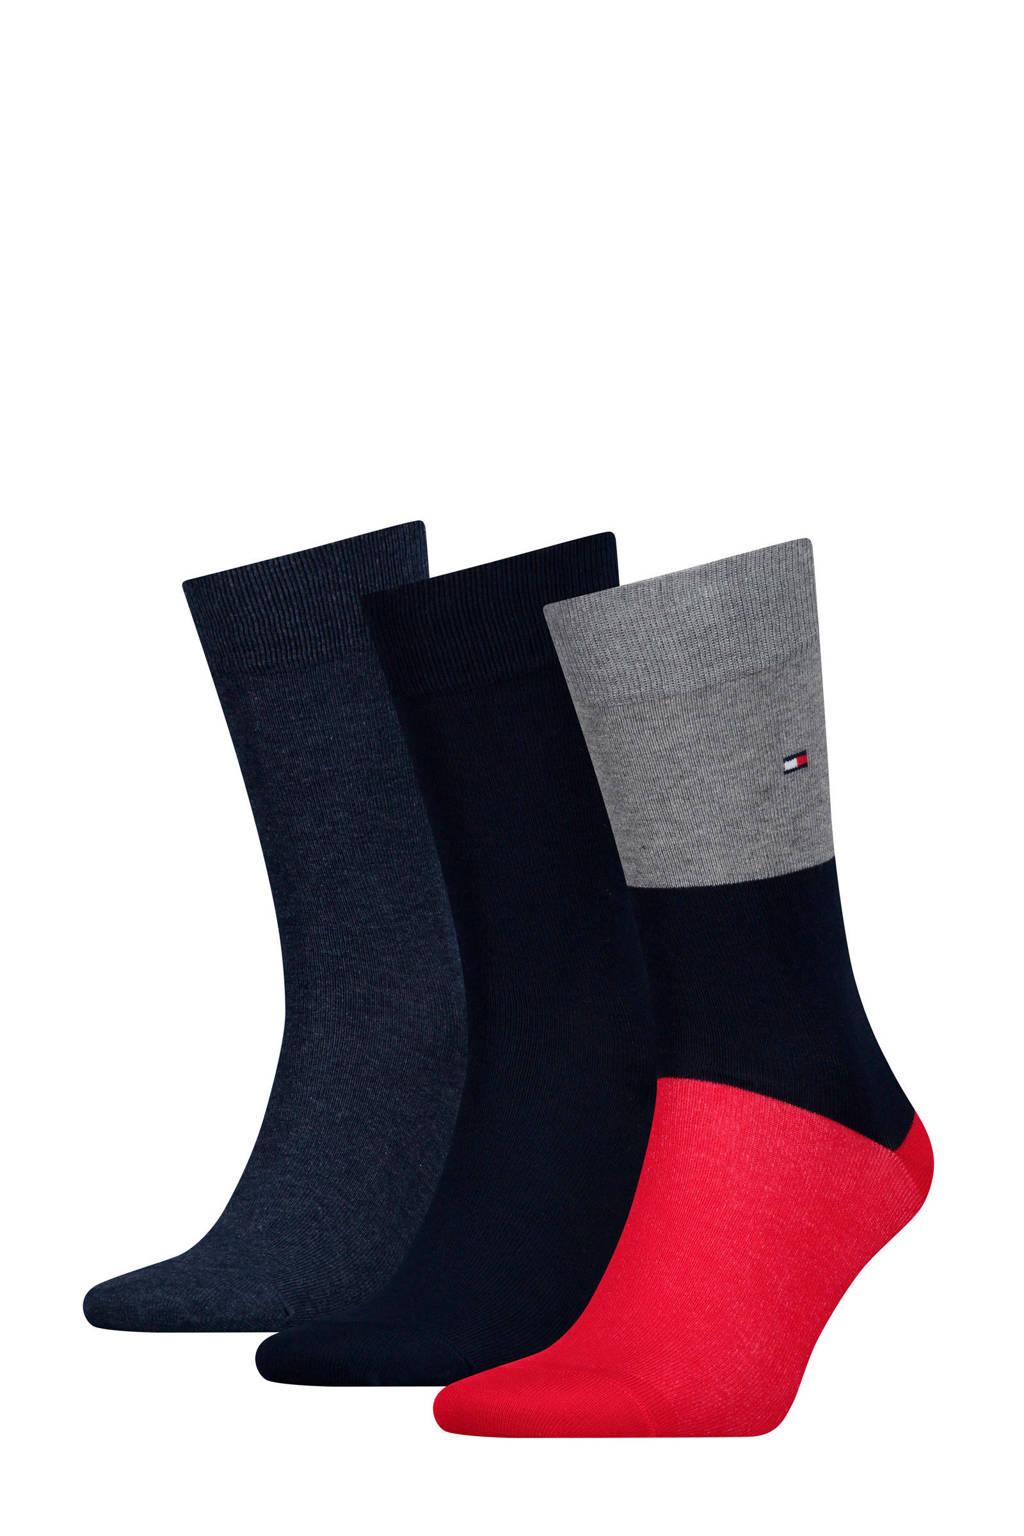 Tommy Hilfiger sokken set van 3, Blauw